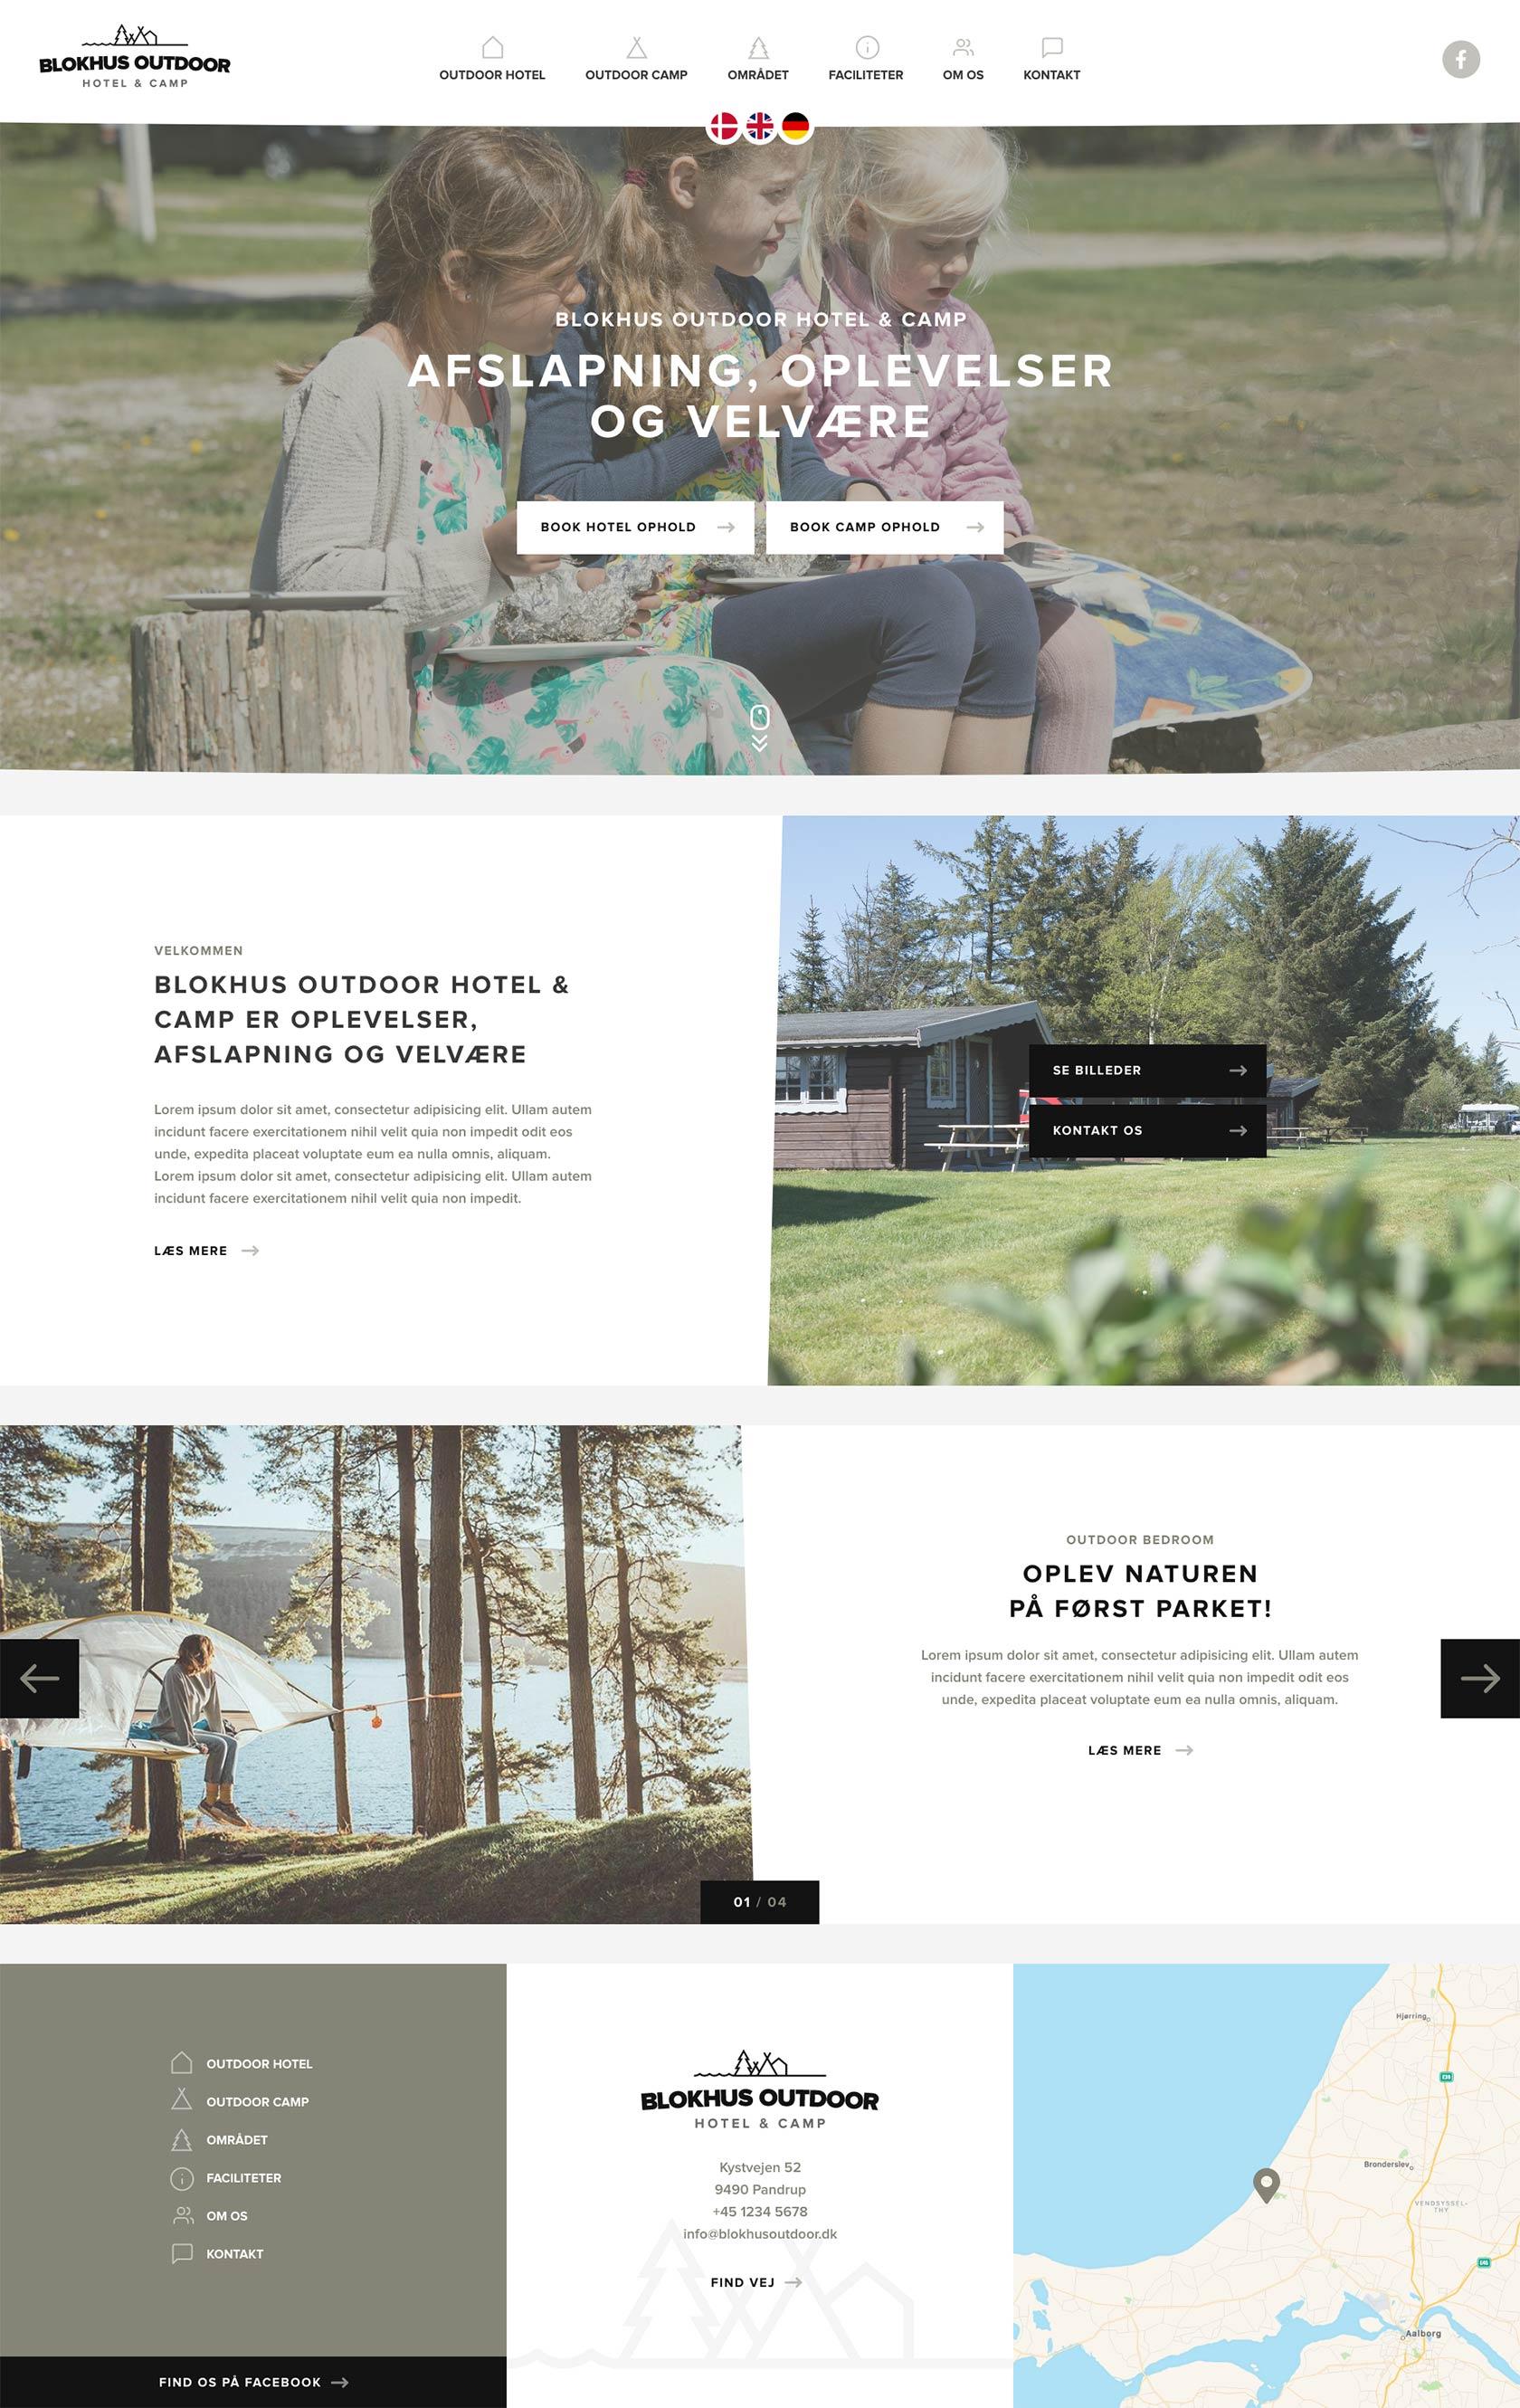 Billede der viser design på forsiden af Blokhus Outdoors hjemmeside